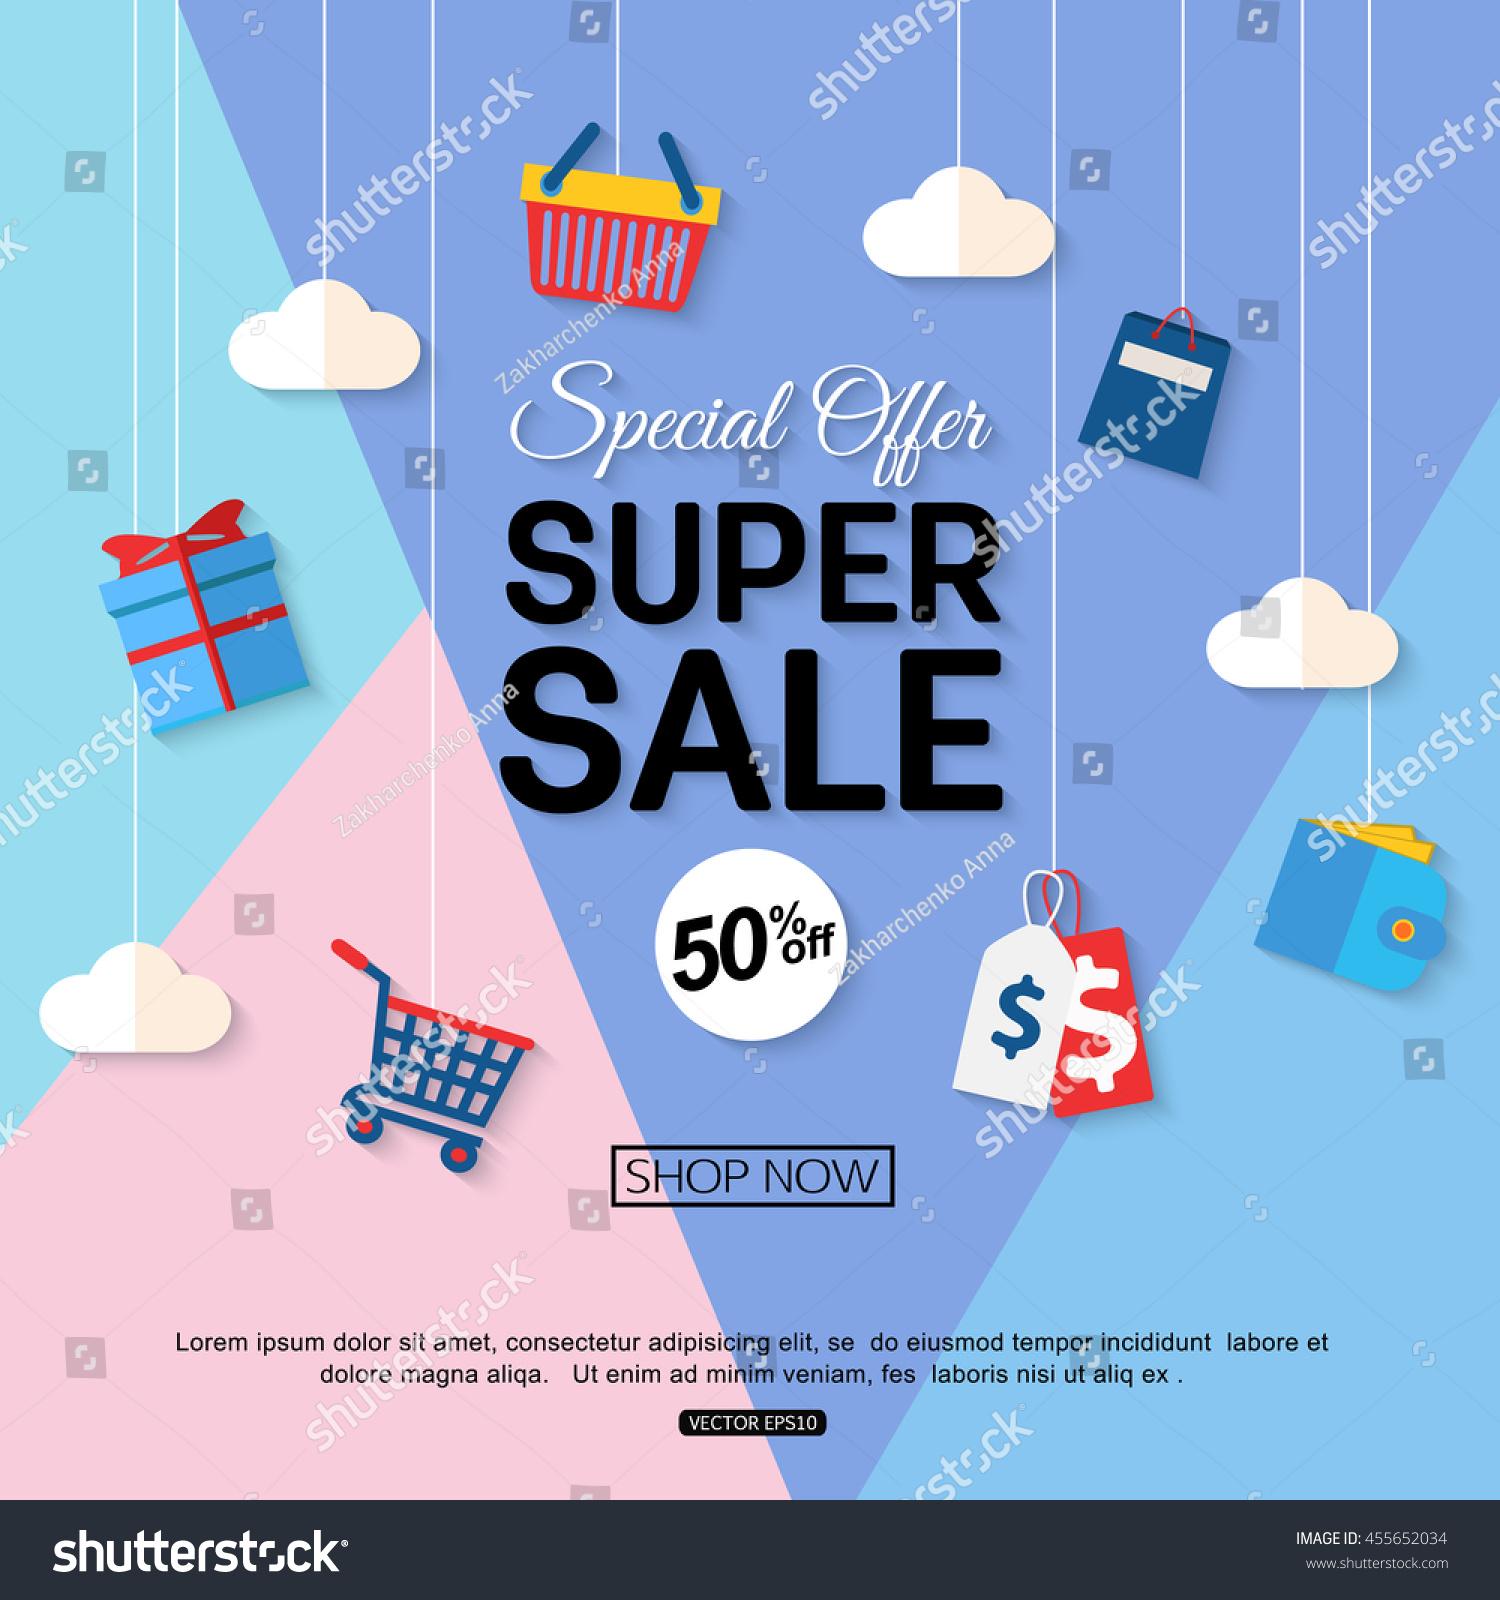 sale discount background for the online store shop promotional leaflet promotion poster. Black Bedroom Furniture Sets. Home Design Ideas